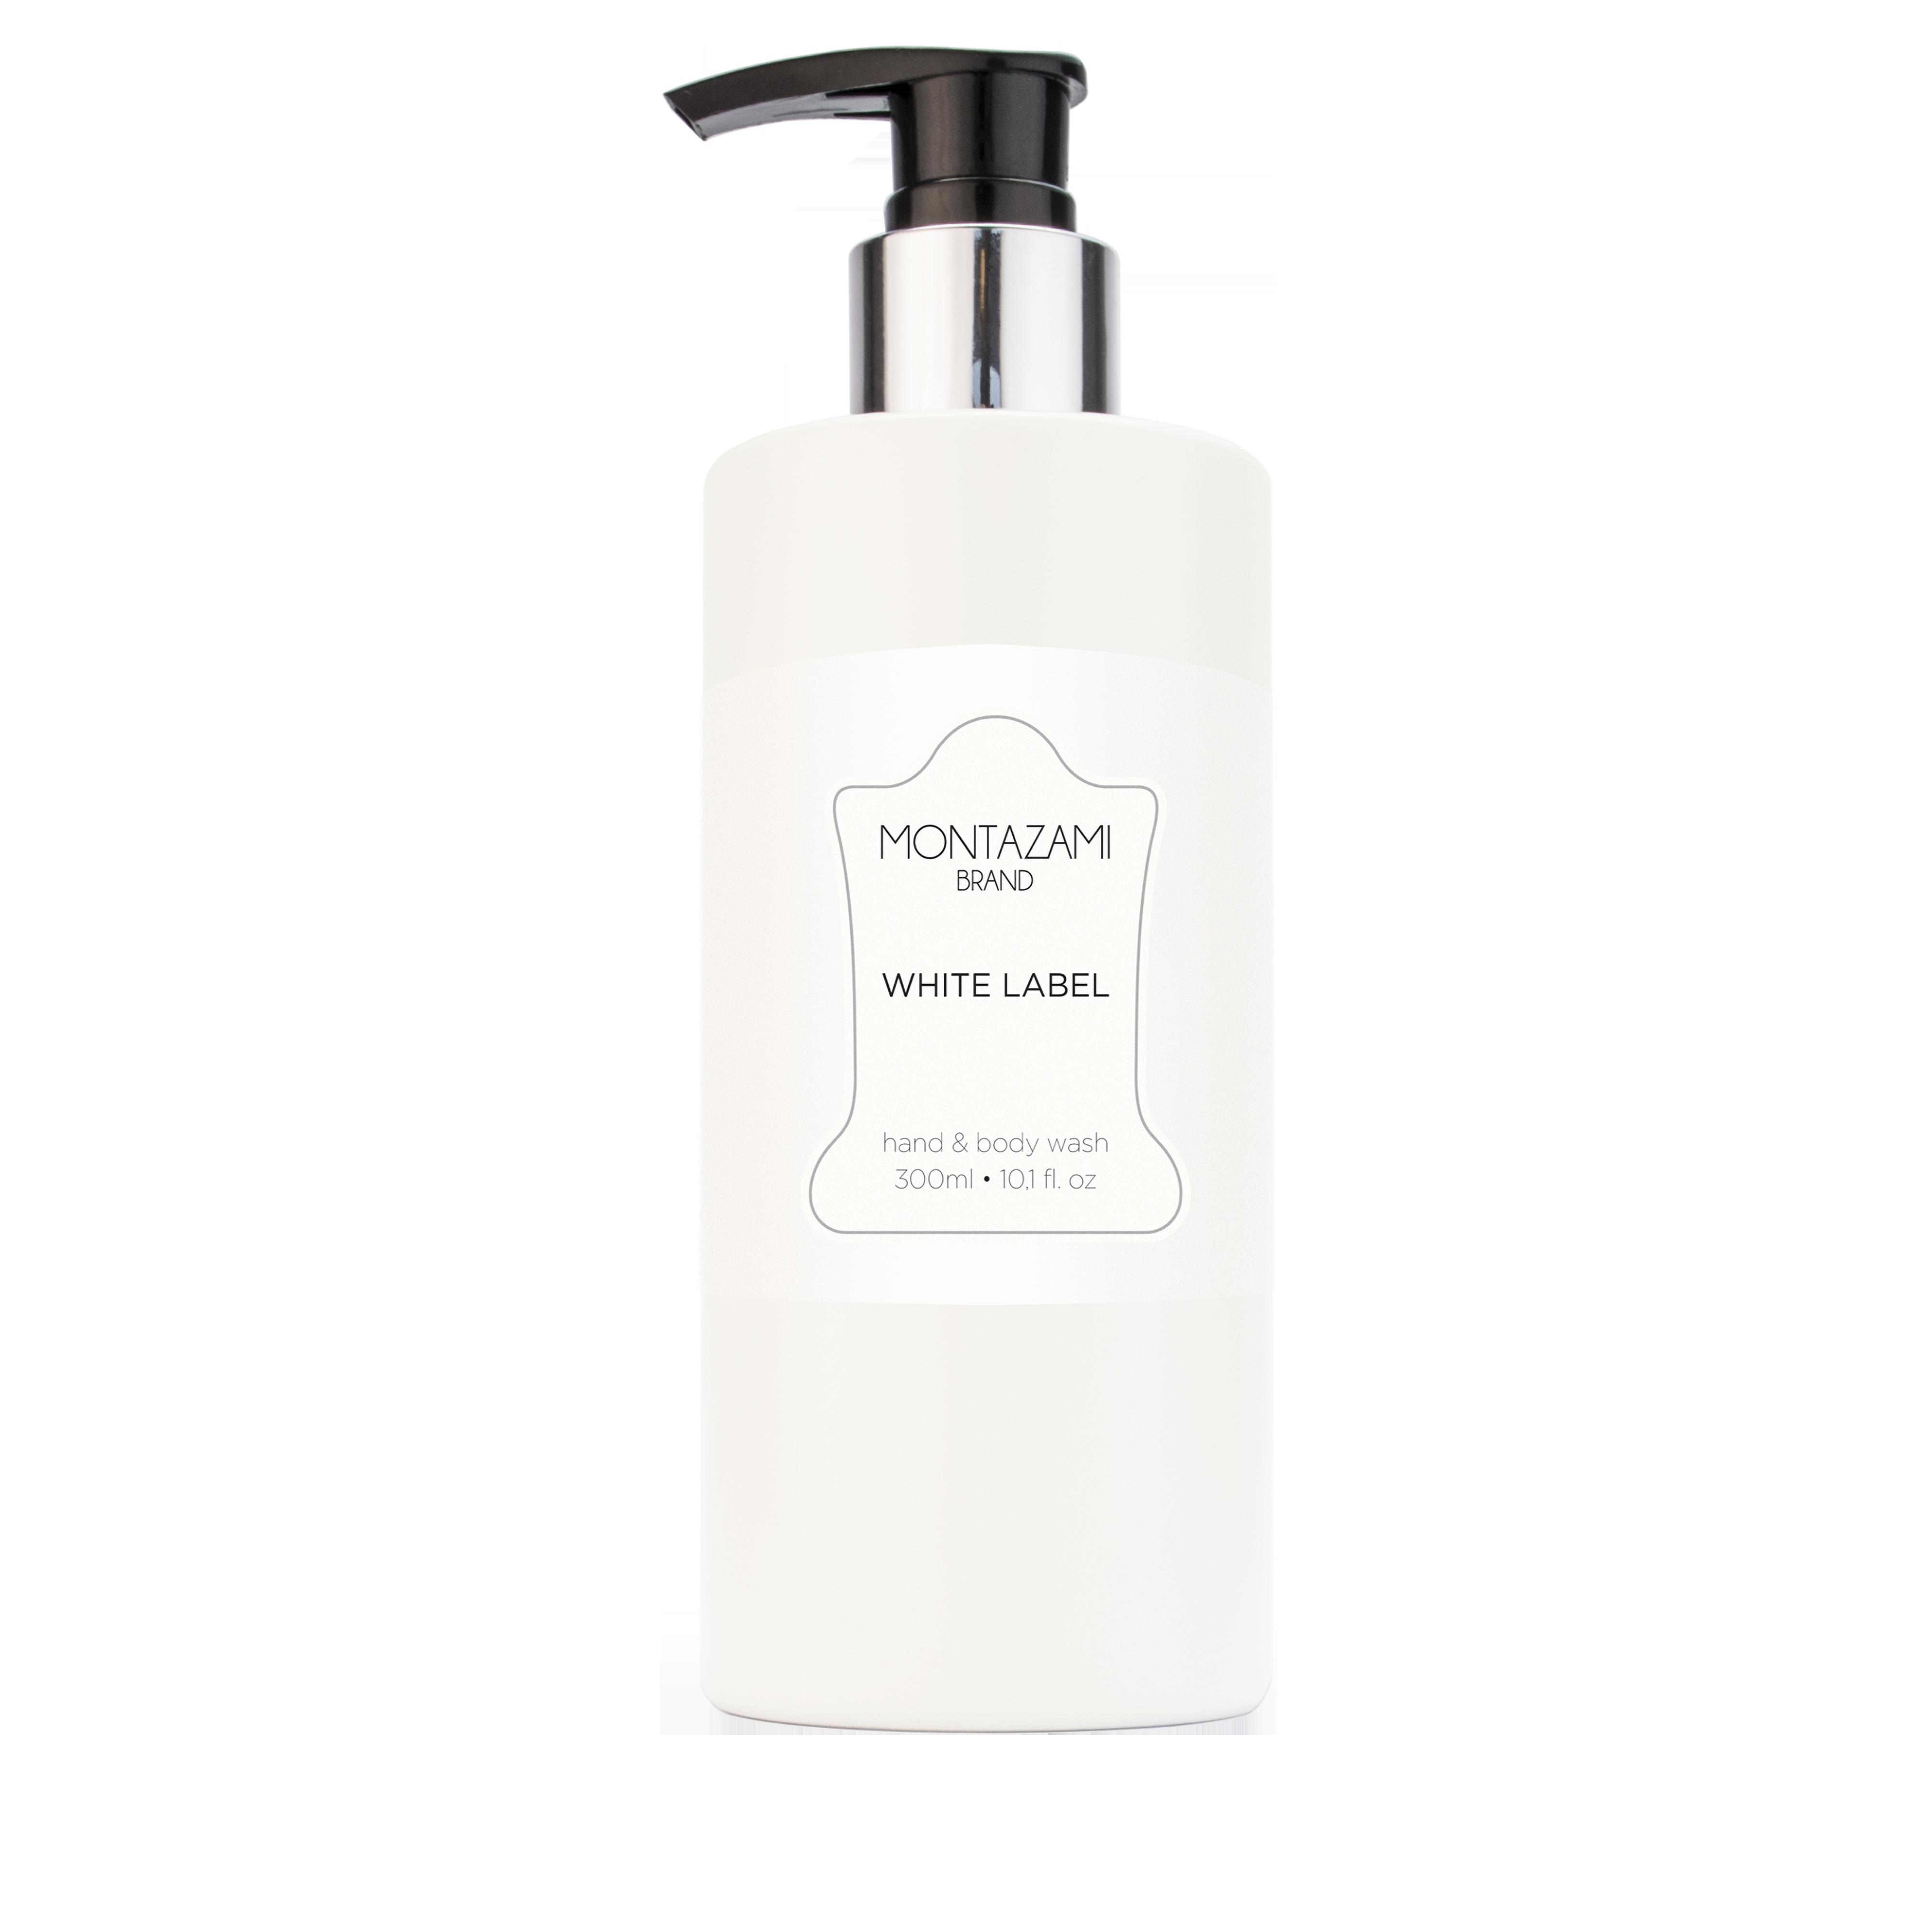 White Label Hand & Body Wash 300ml